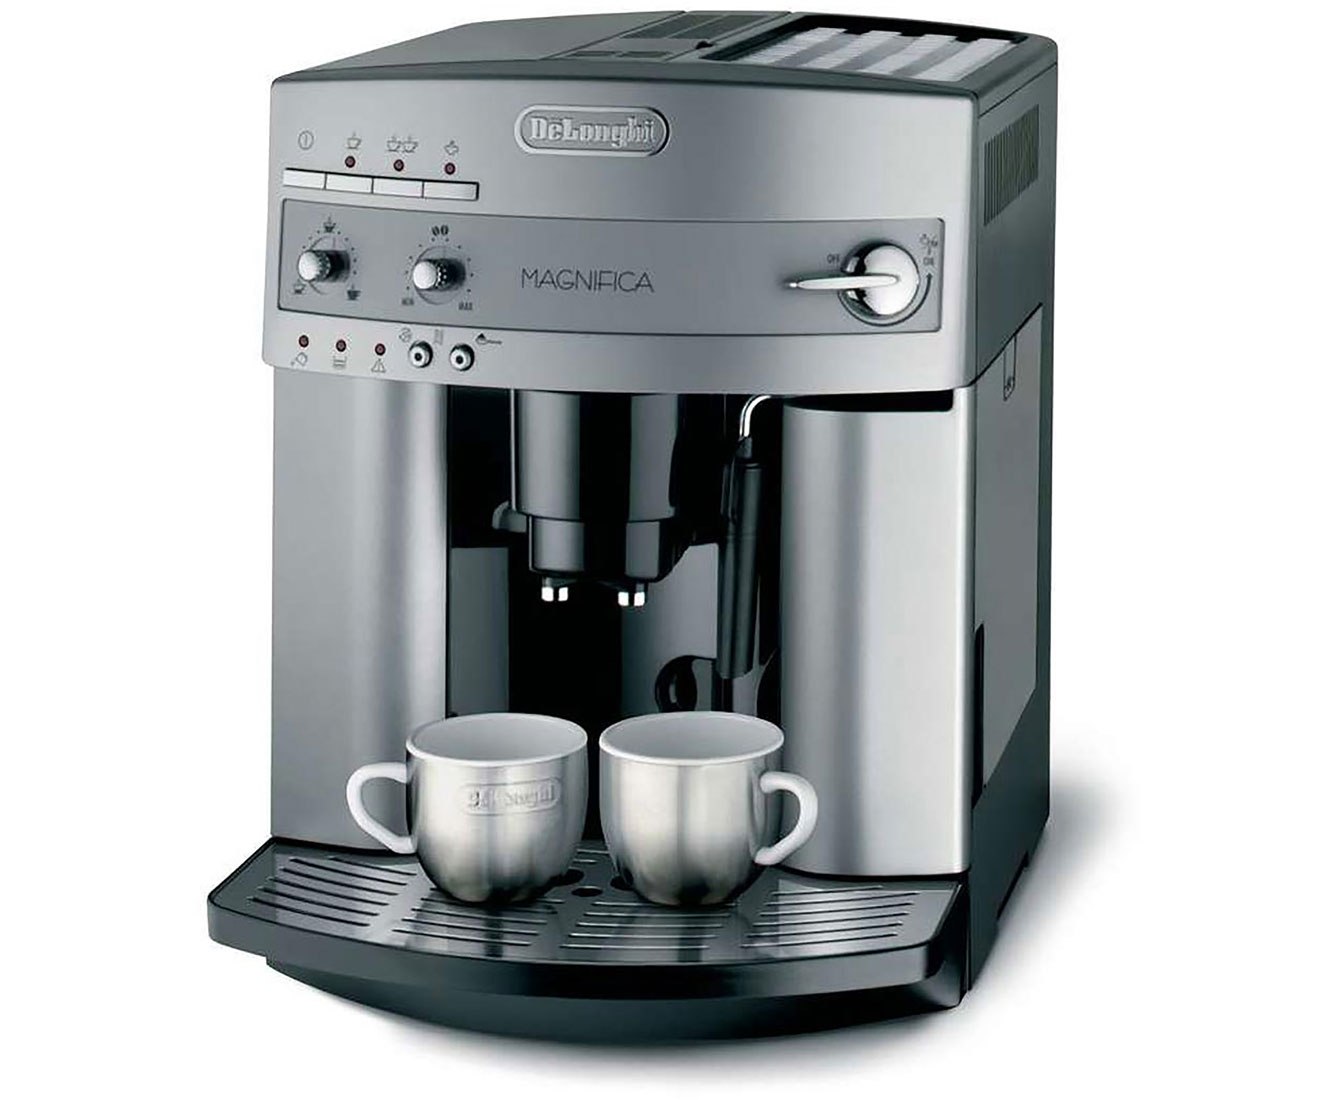 Magnifica ESAM 3200.S Kaffeemaschinen - Silber / Schwarz